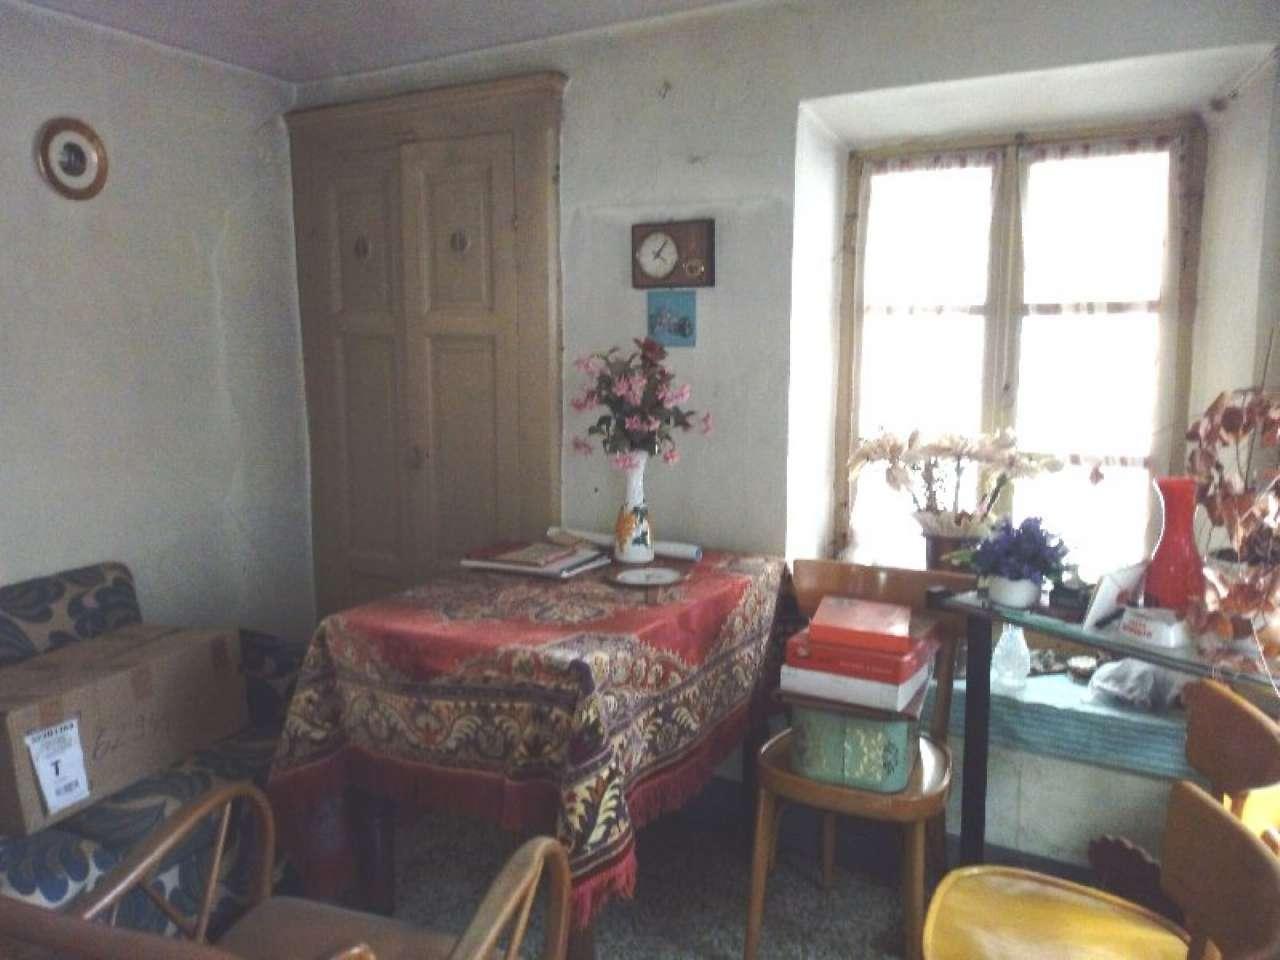 Foto 1 di Casa indipendente frazione Montestrutto, Settimo Vittone